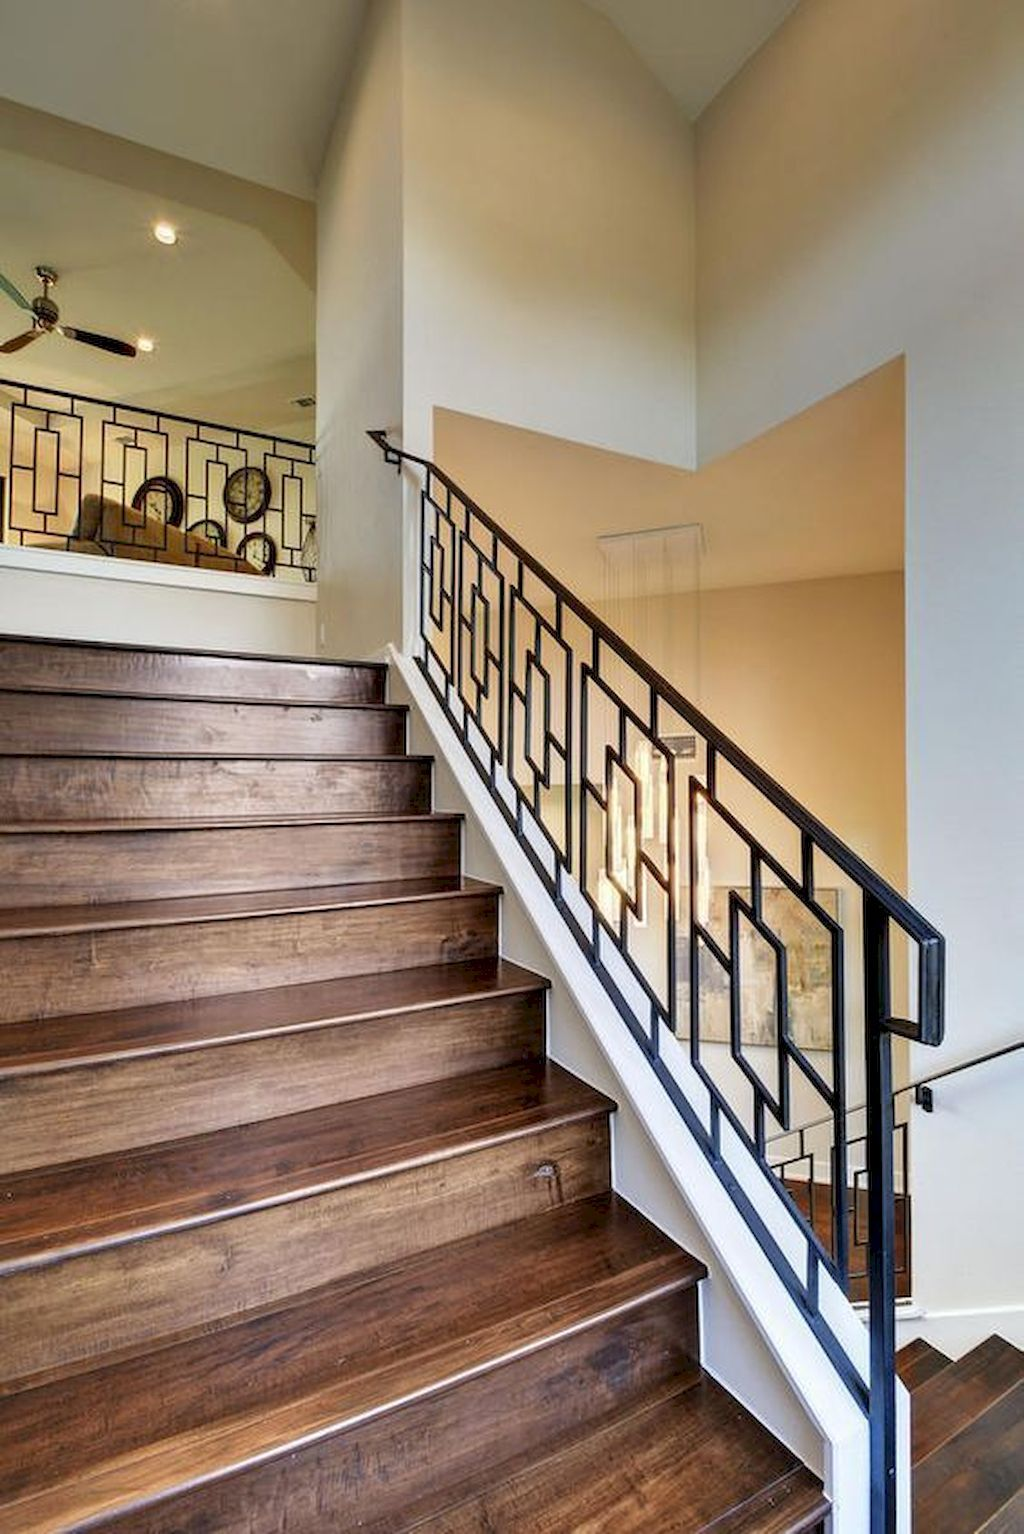 41+ House stair railing design ideas